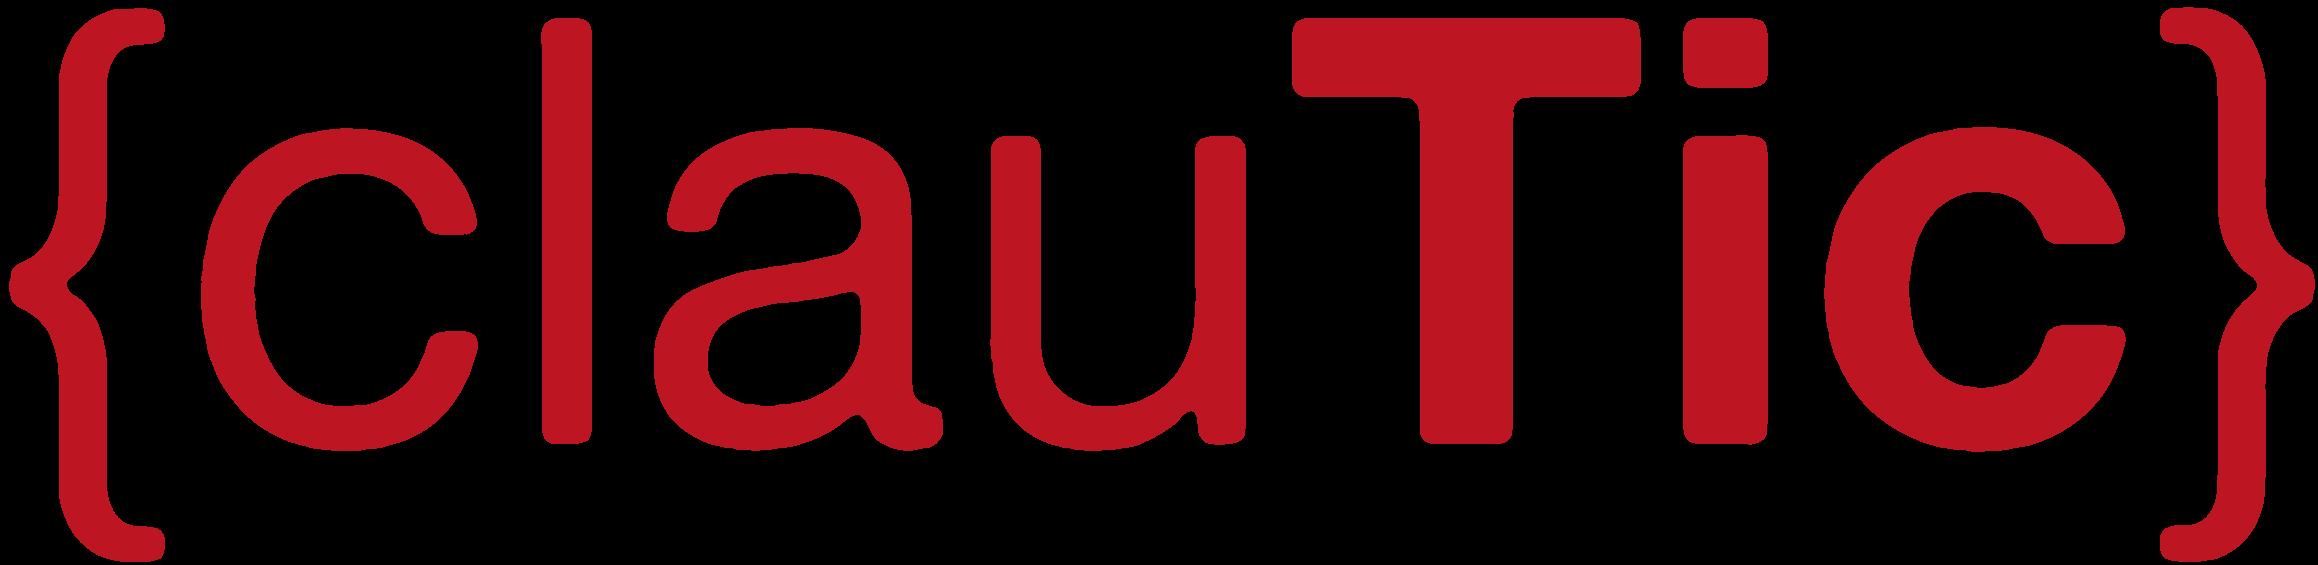 ClauTIC